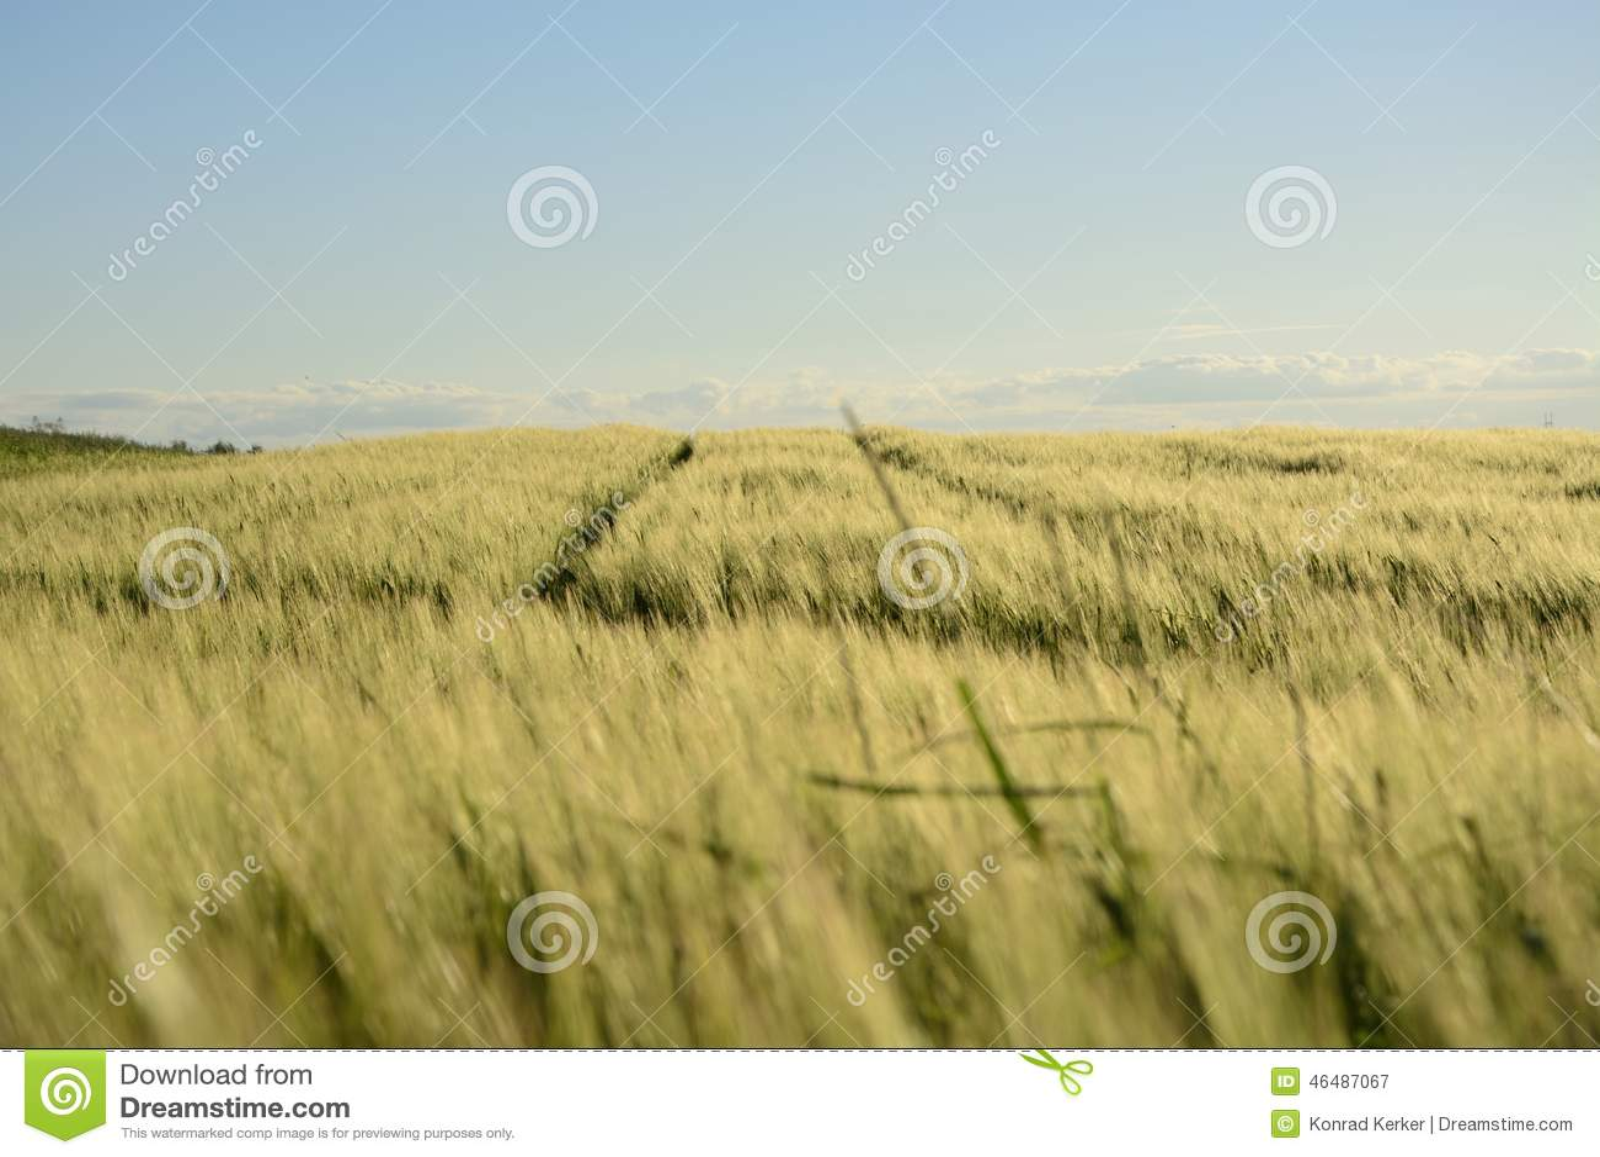 Вне города - сельского ландшафта - поле